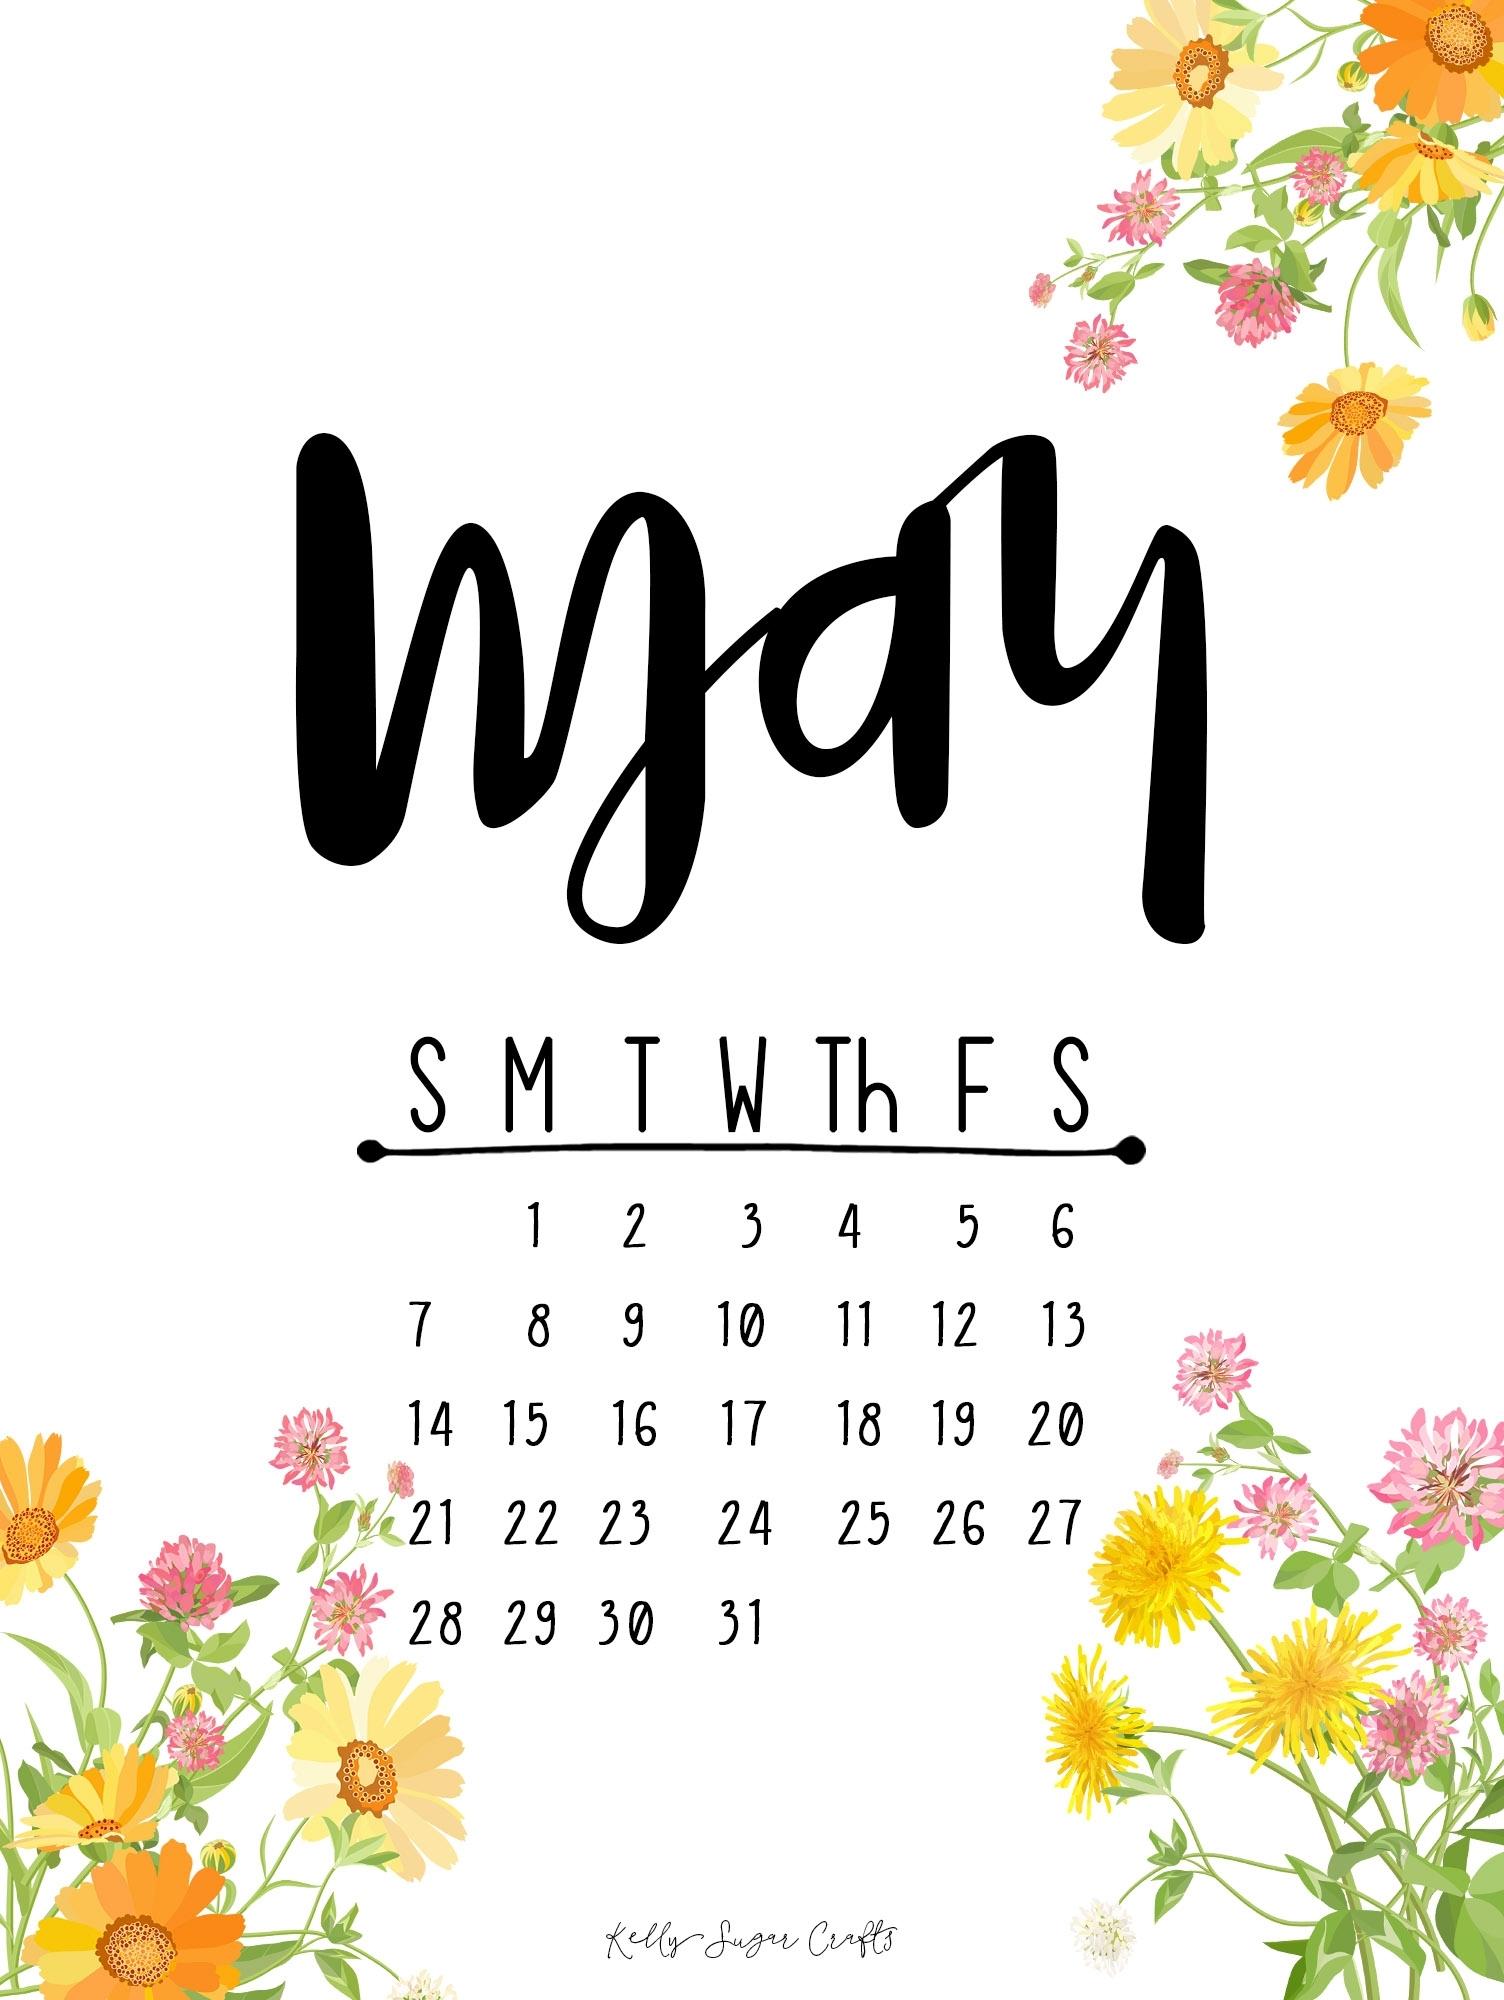 may 2017 printable calendar + wallpapers - kelly sugar crafts